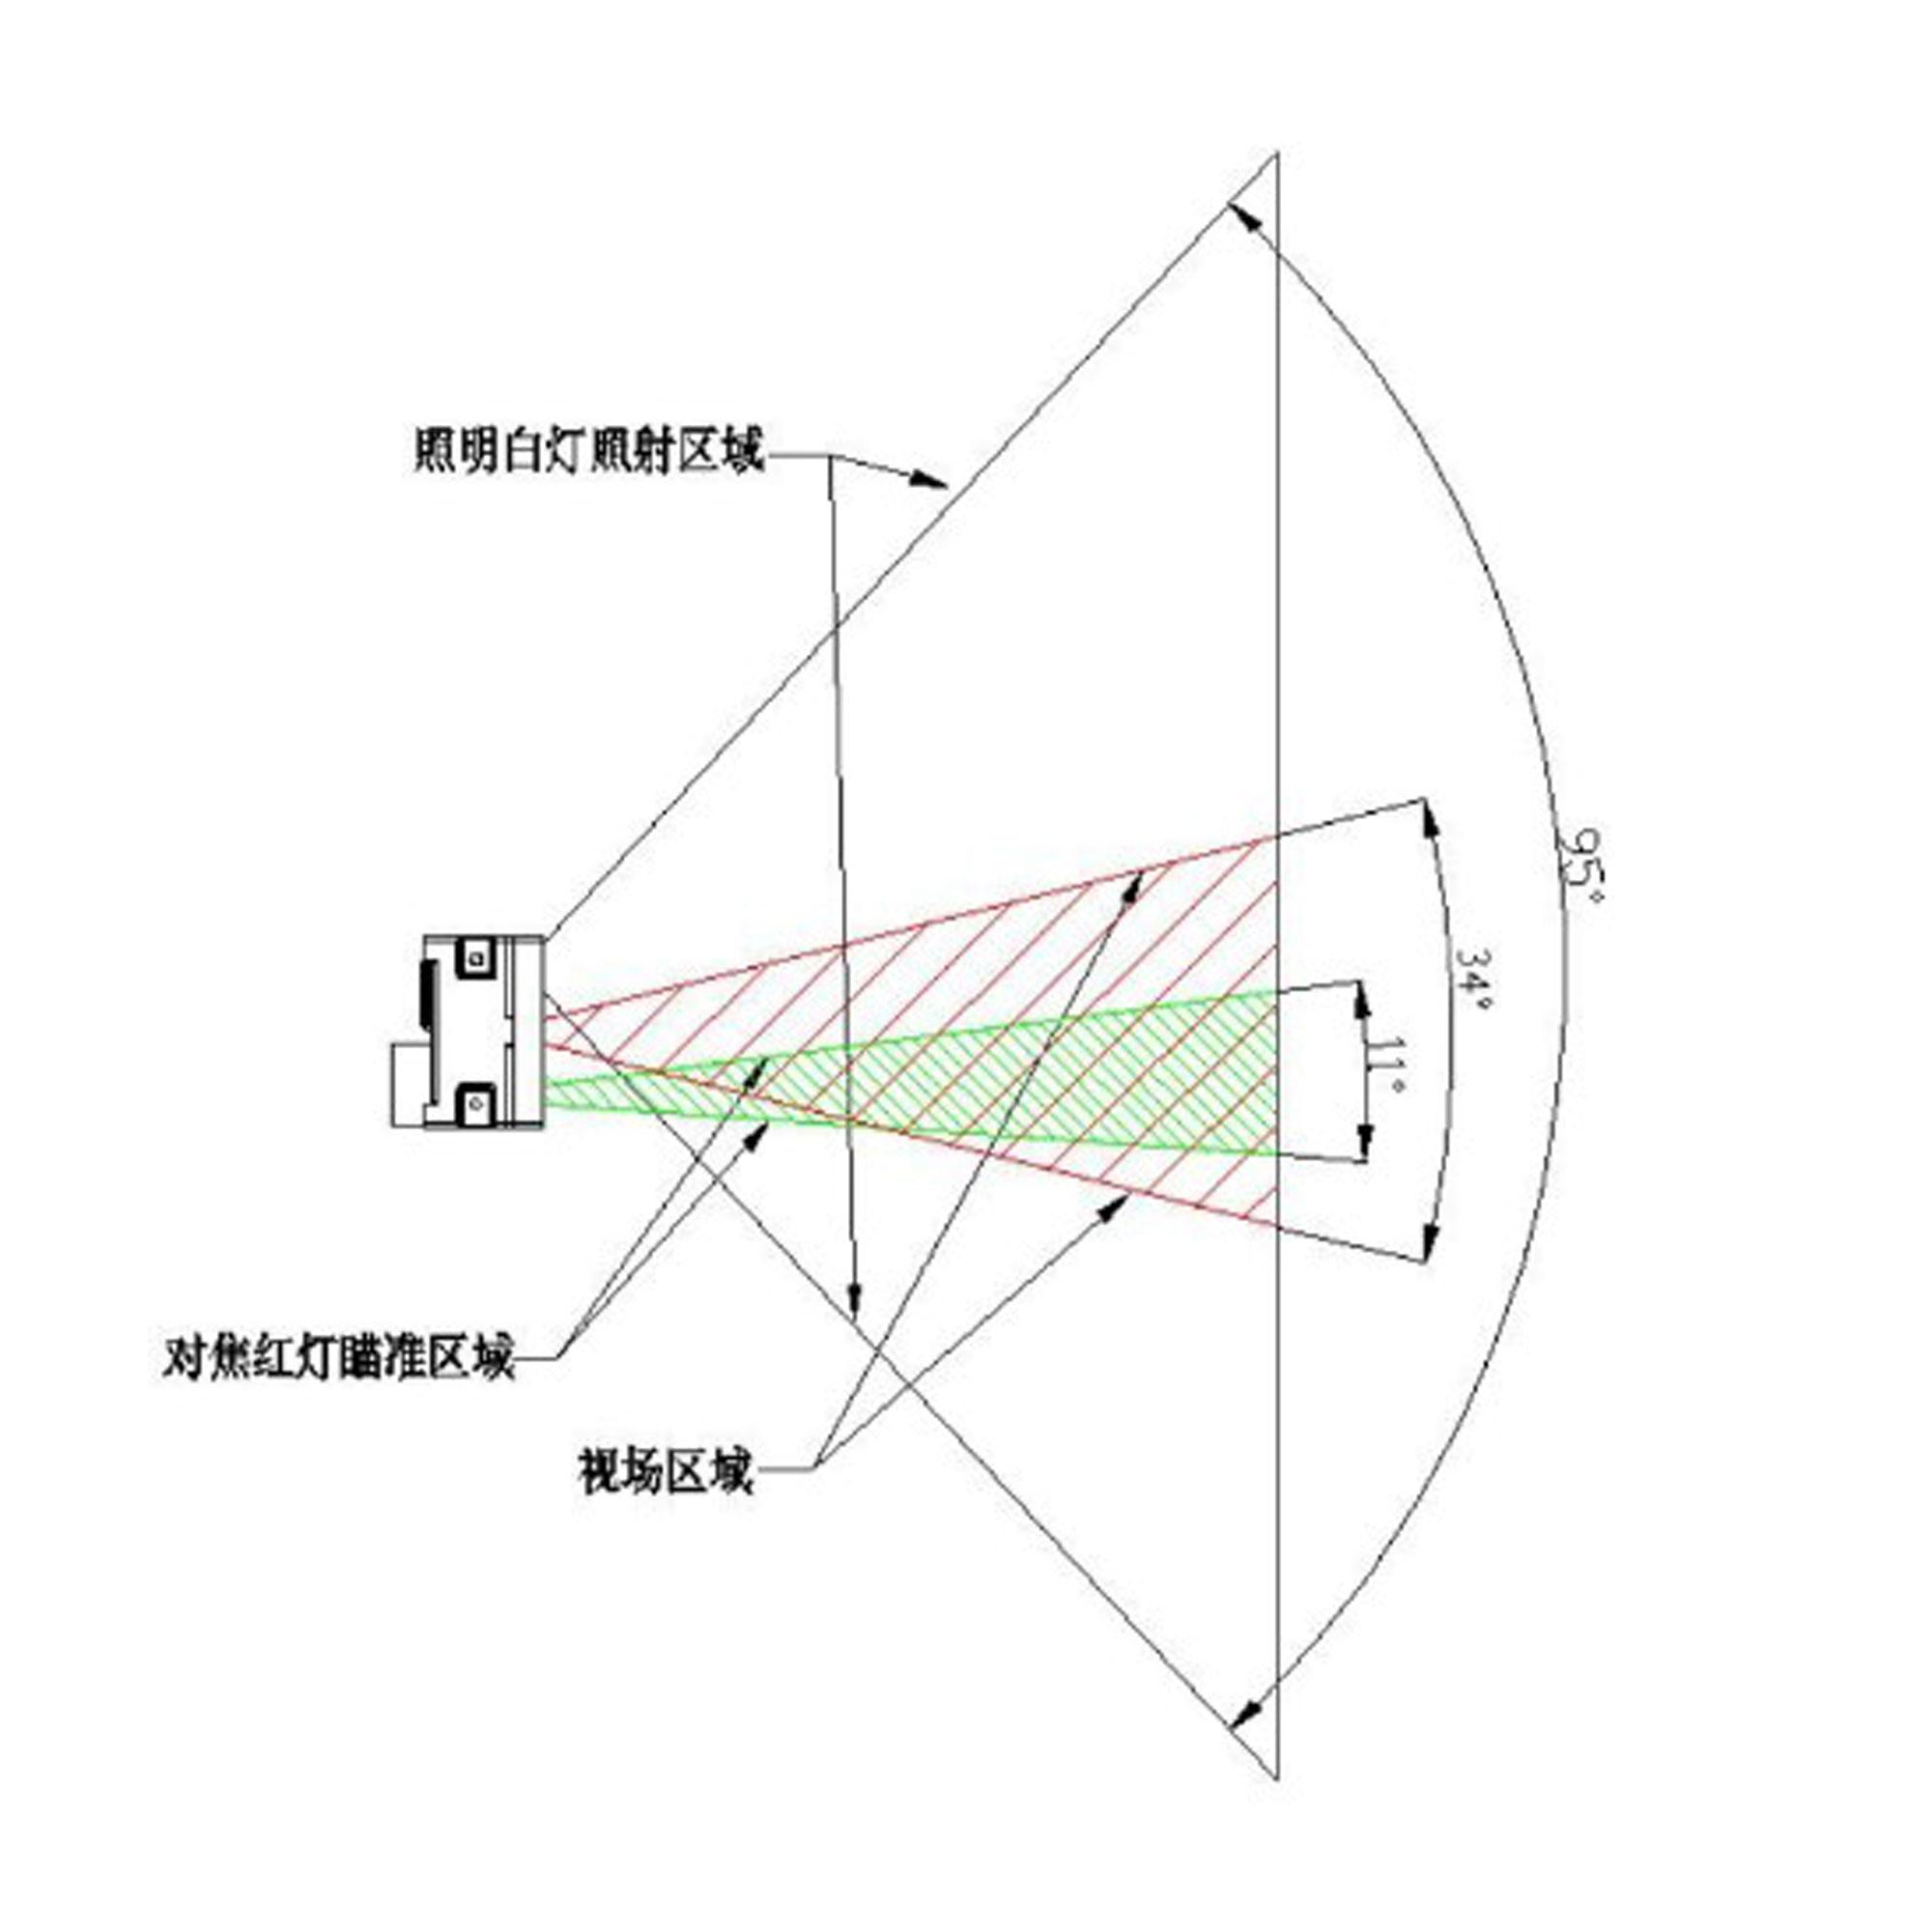 Phạm vi quét của Module quét mã vạch 1D/2D/QR